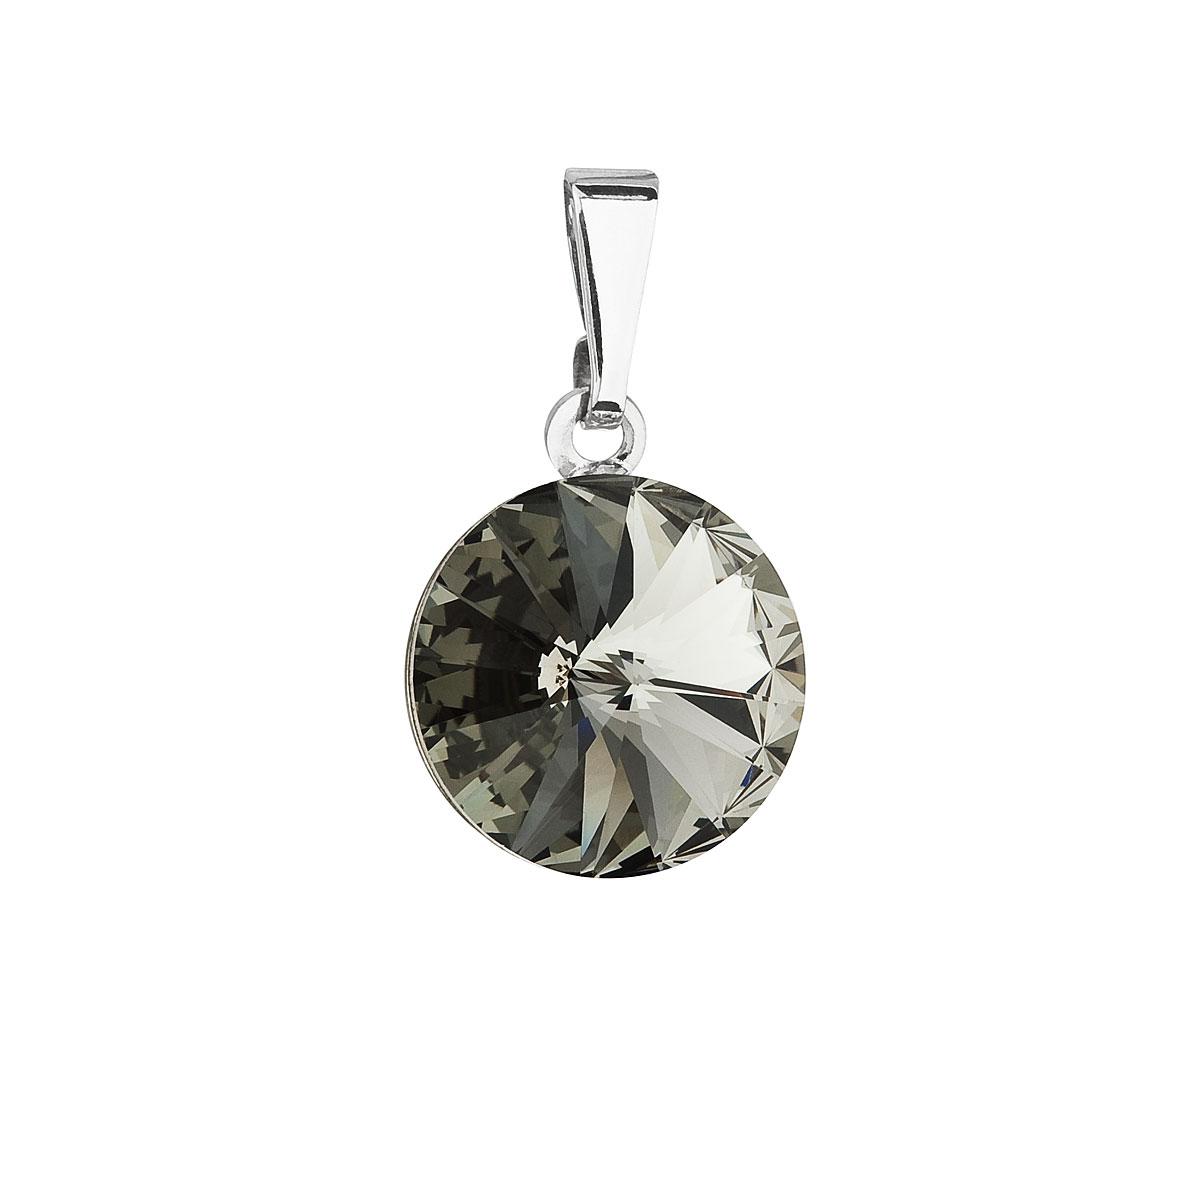 Evolution Group Přívěsek se Swarovski krystaly šedý kulatý 54001.3